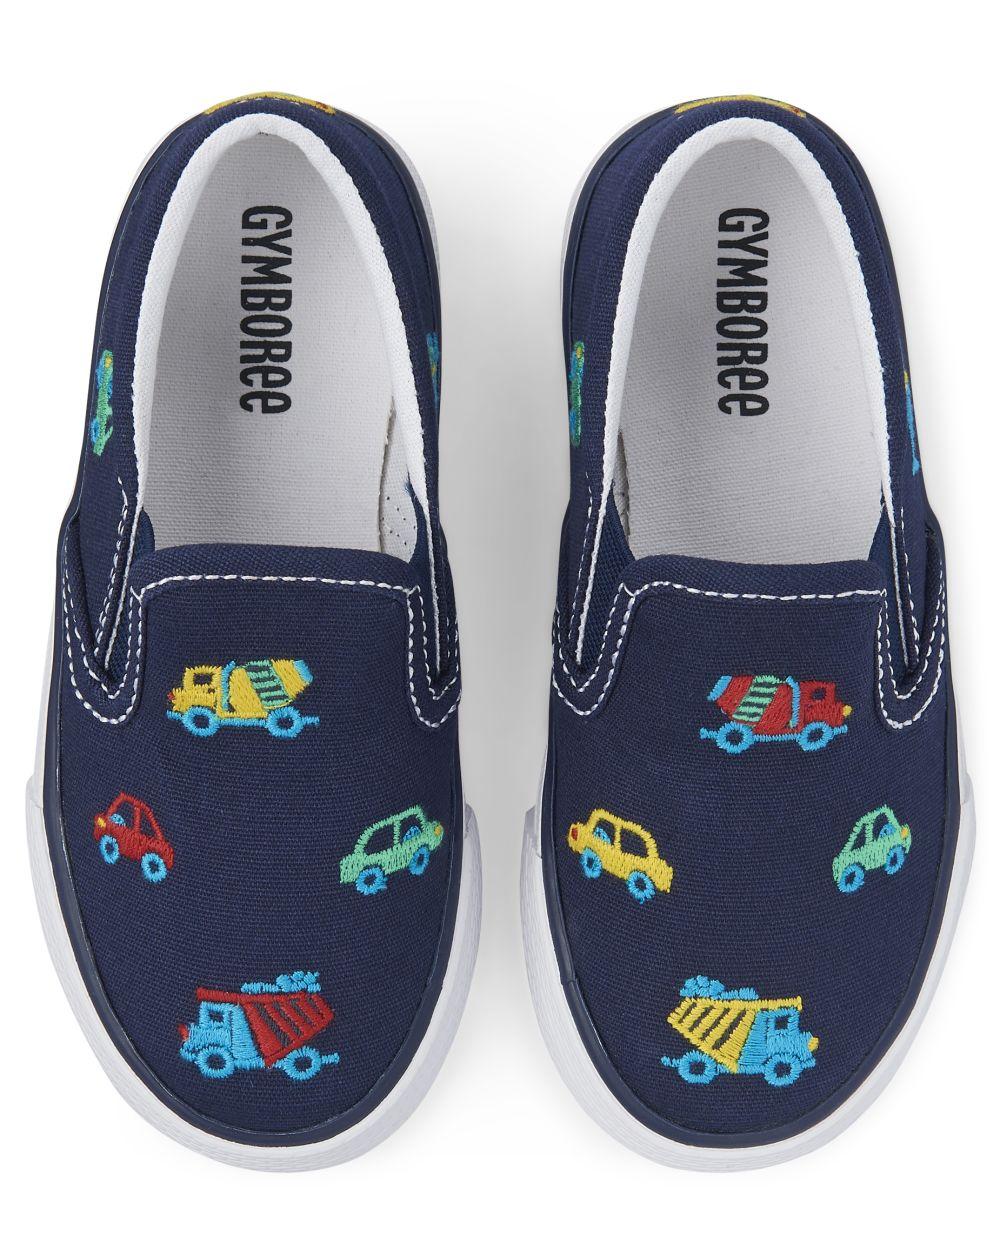 Zapatillas de deporte sin cordones para niños - Travel Adventure